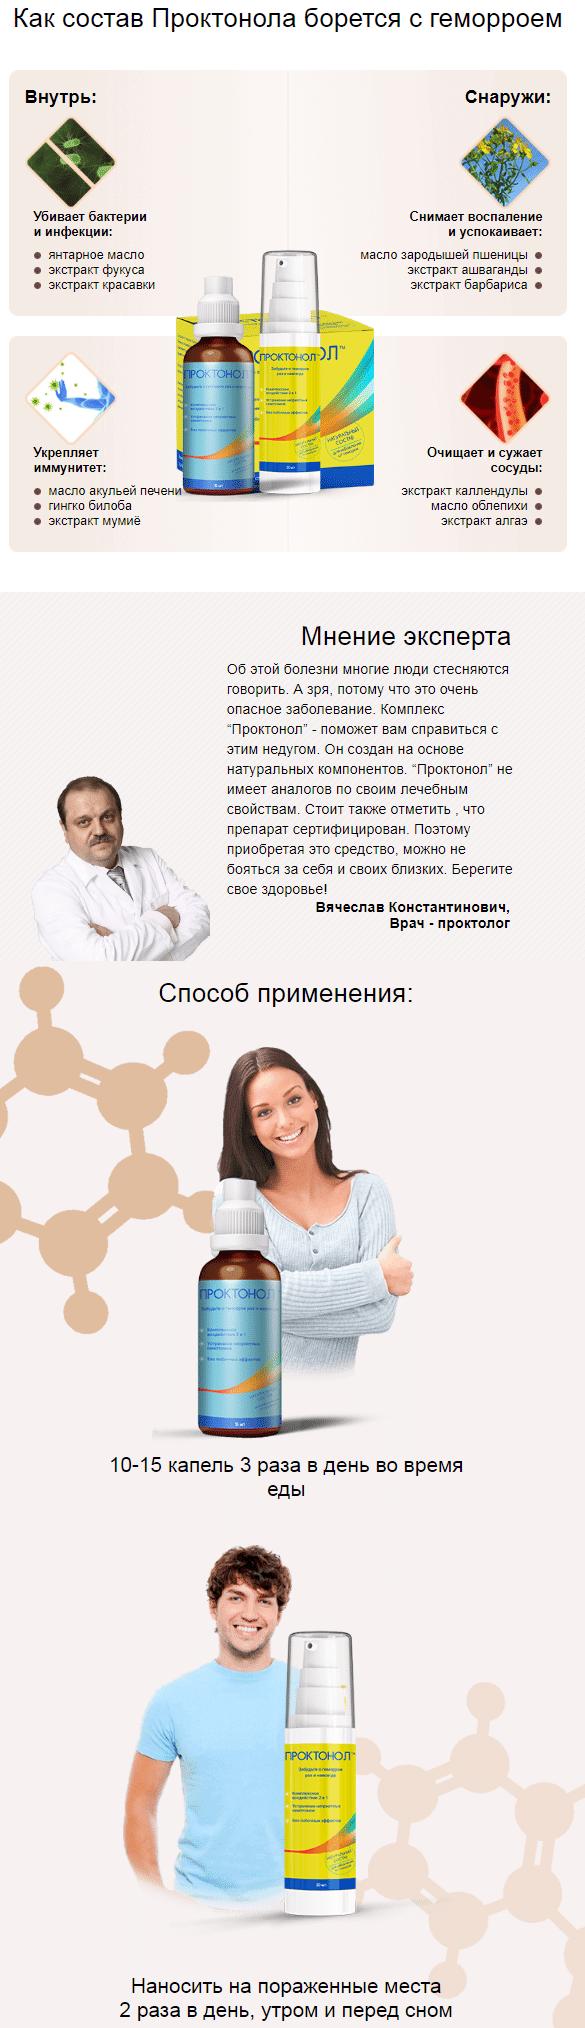 Проктонол (Proctonol) комплекс при геморрое купить в Златоусте